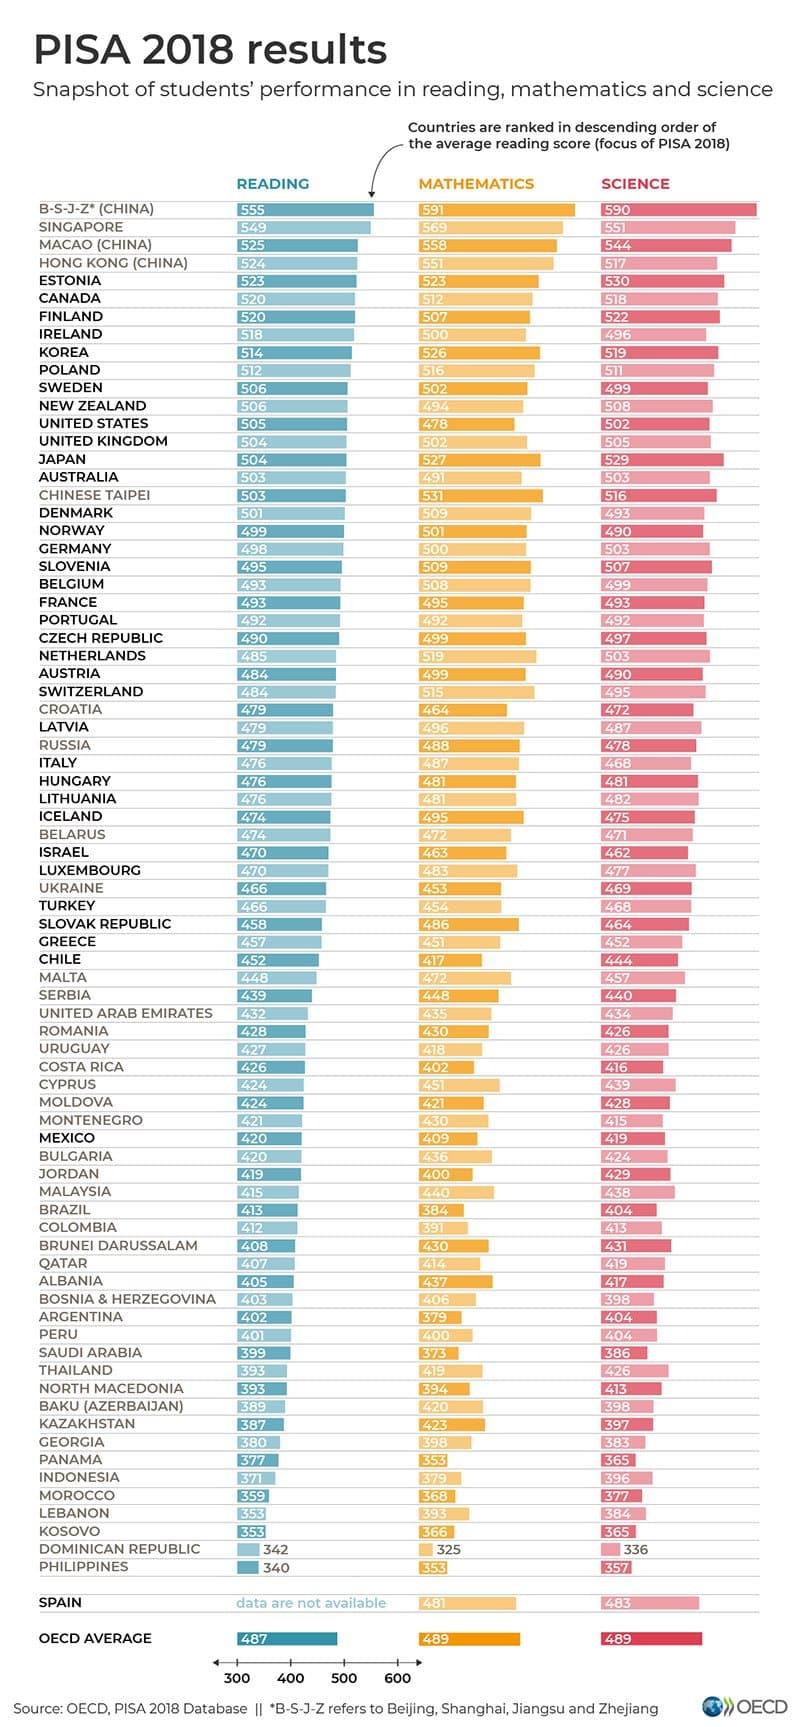 PISA 2018 sonuçları